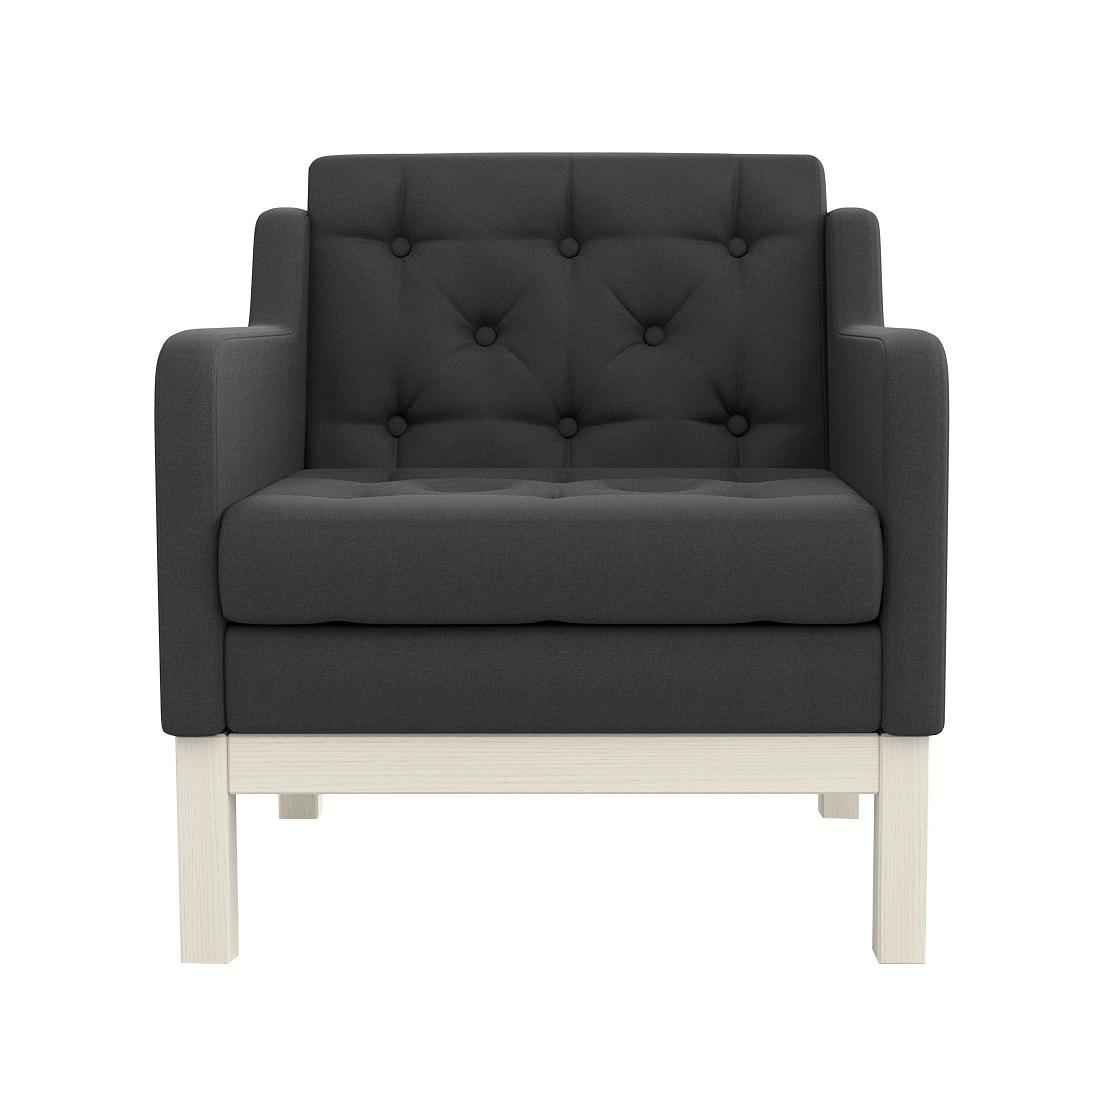 Фото - Кресло AS Алана 75.5x82x83 беленый дуб/черный диван as алана м 154x82x83 беленый дуб белый